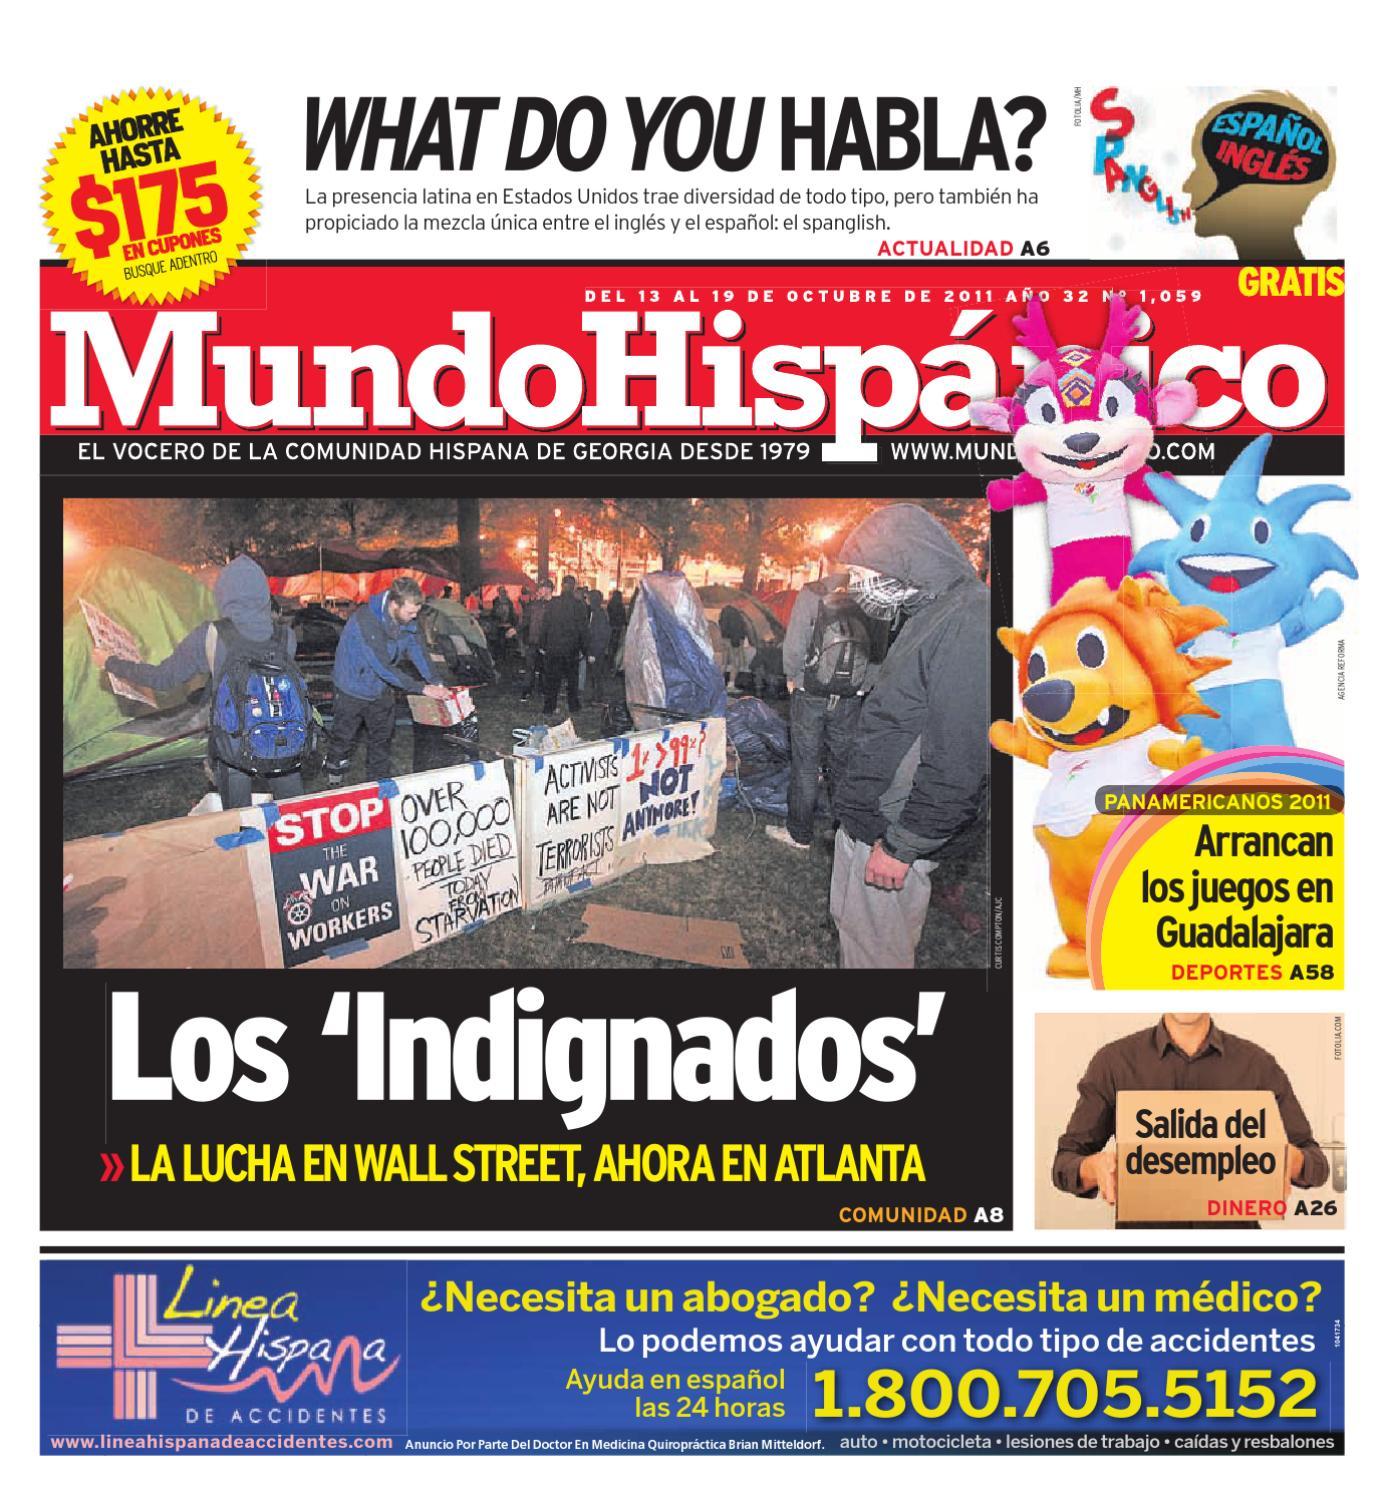 Mundo Hispanico 10-13-11 by MUNDO HISPANICO - issuu